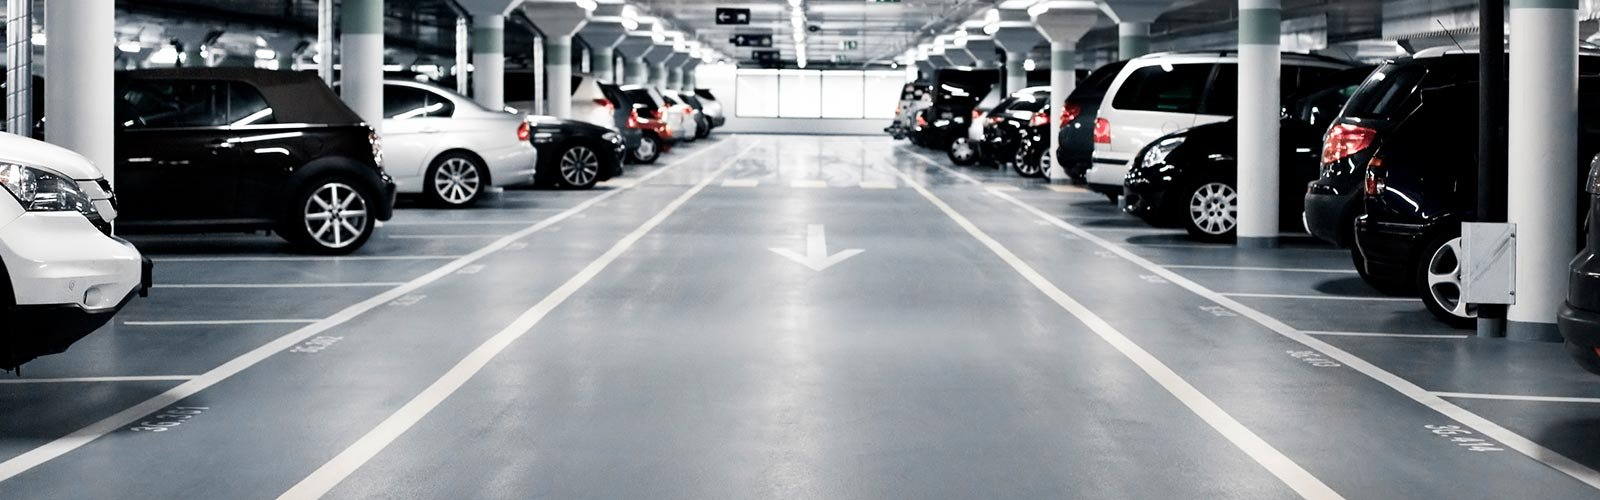 Pavimentación-de-garajes-y-parking